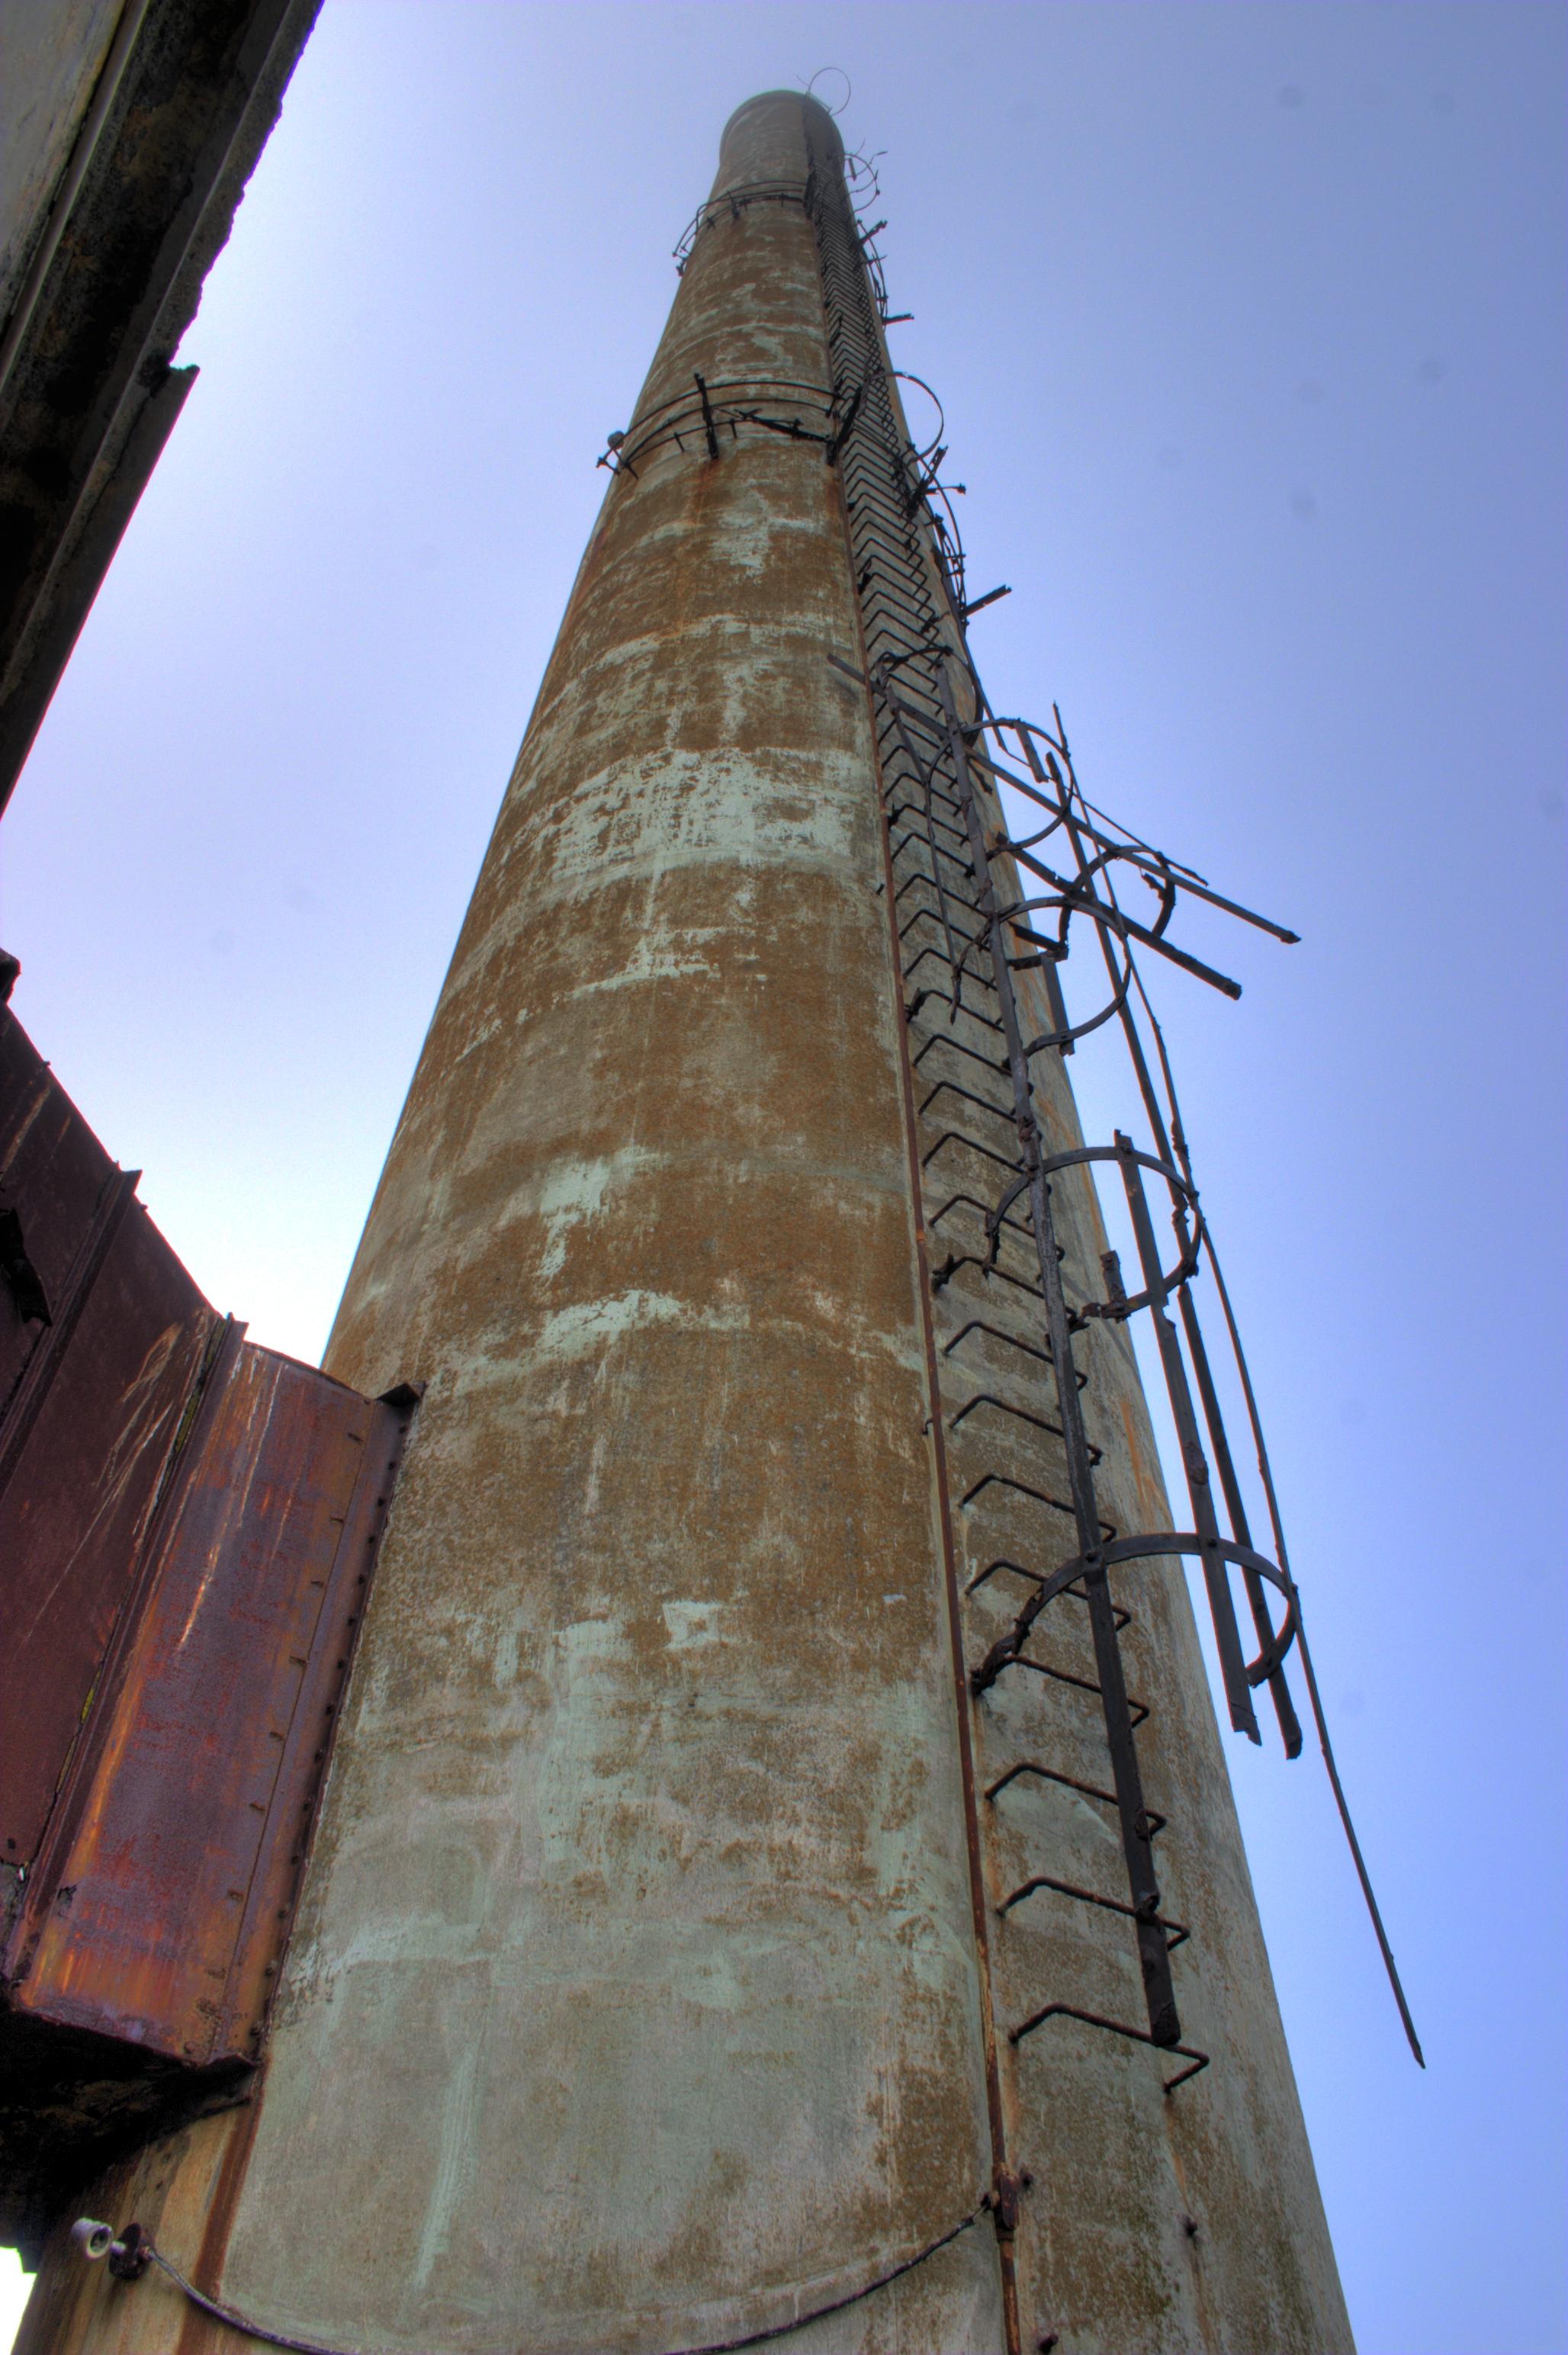 The Alcatraz Smokestack by Jonathan Haeber